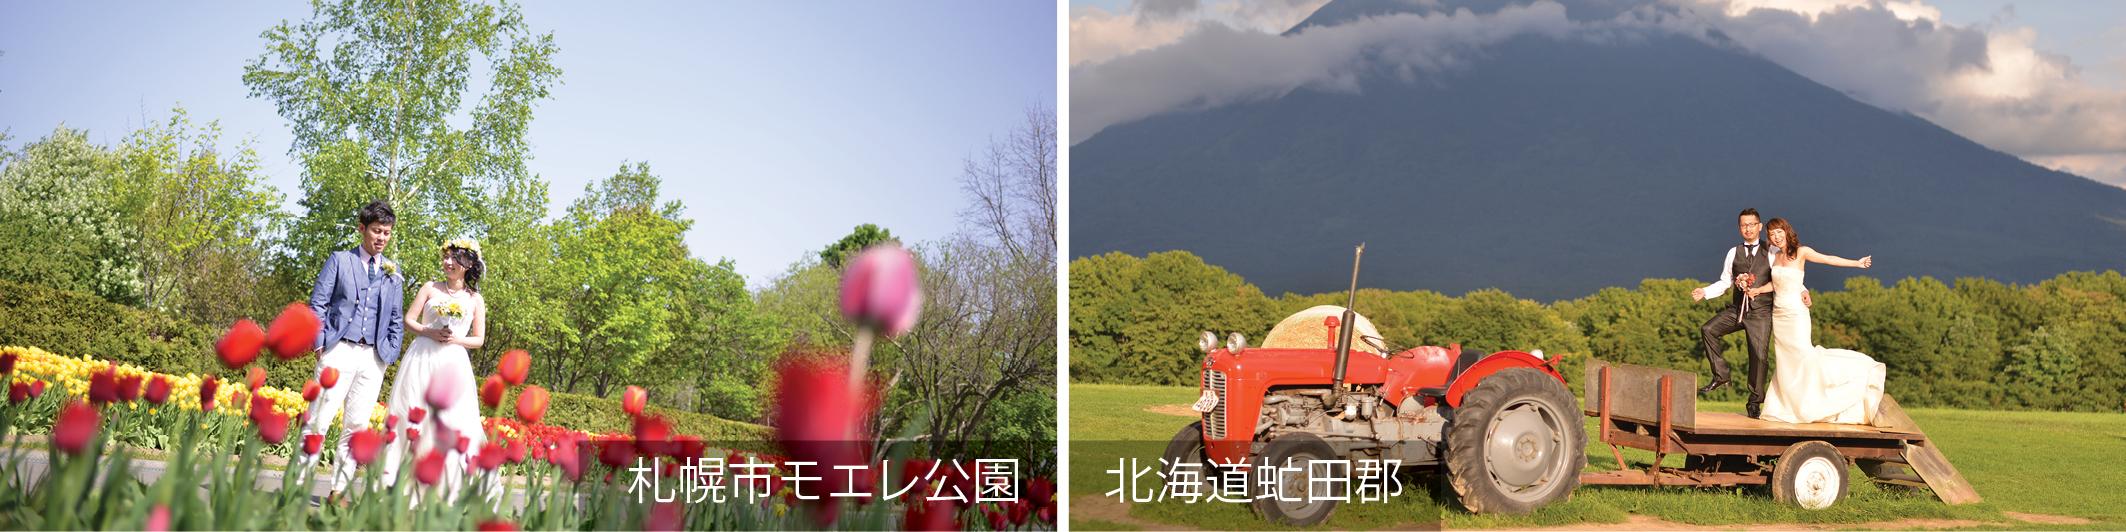 北海道拍攝景點